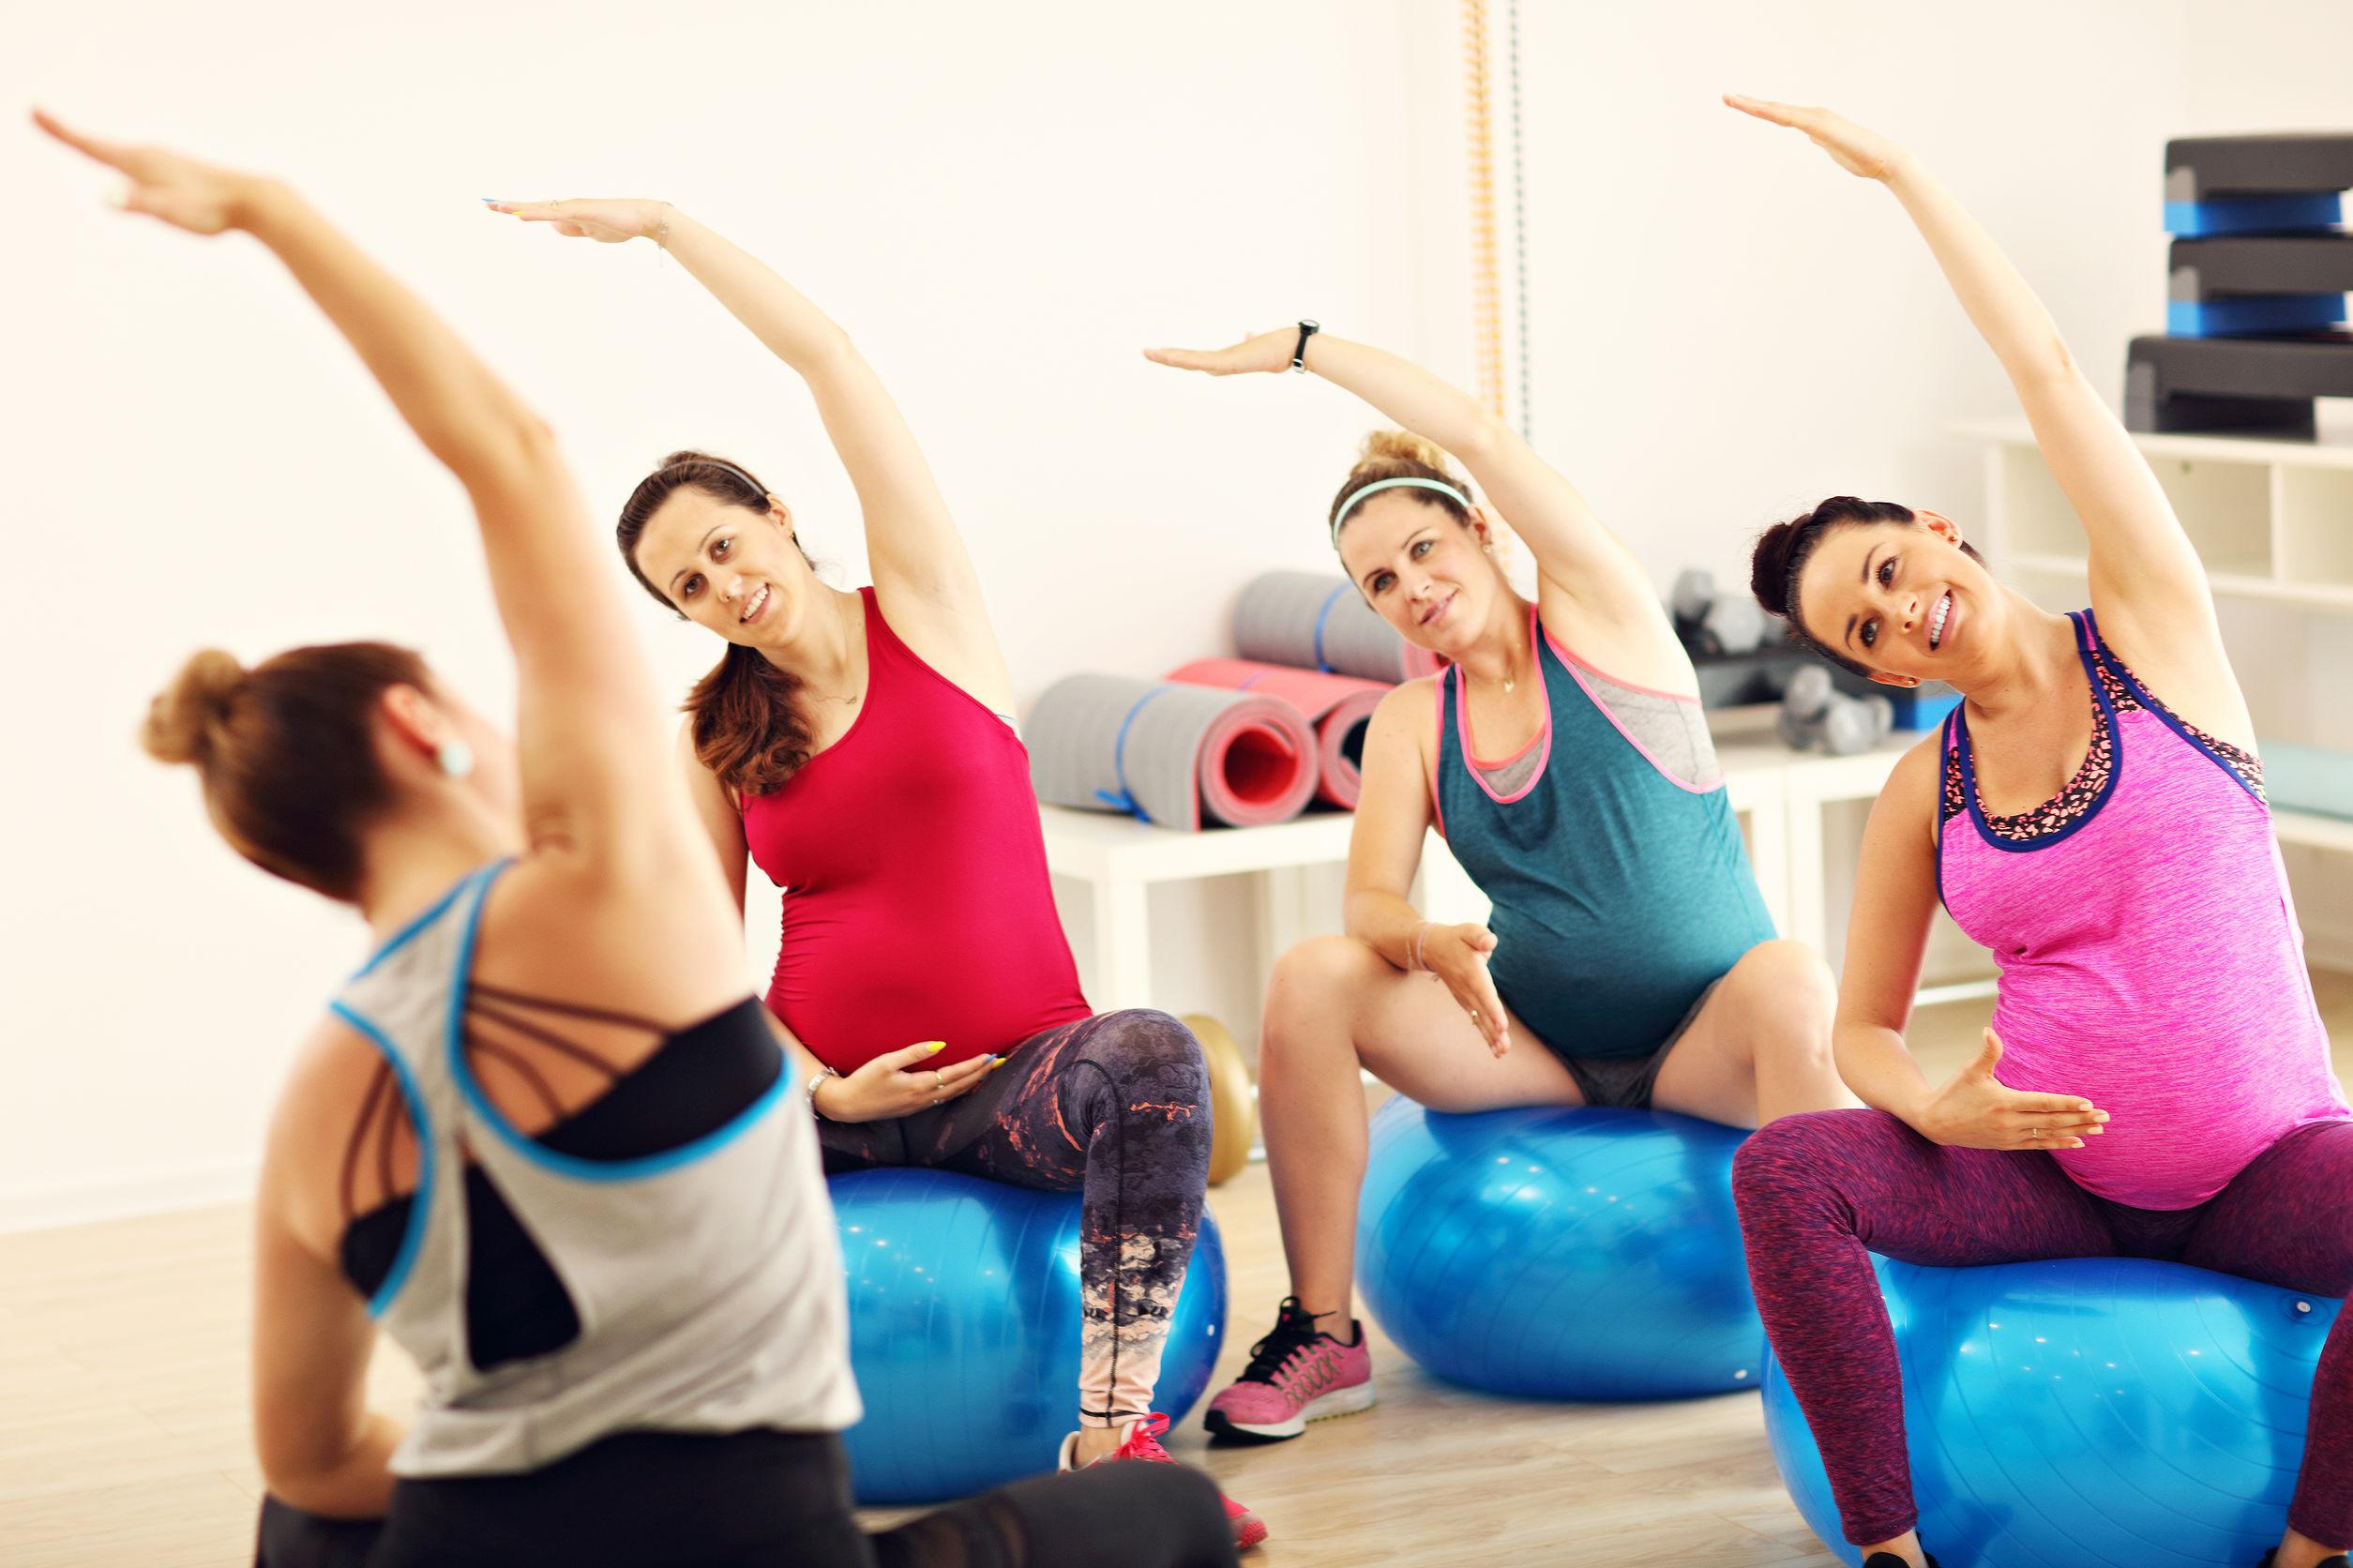 Übungen zum Abnehmen während der Schwangerschaft